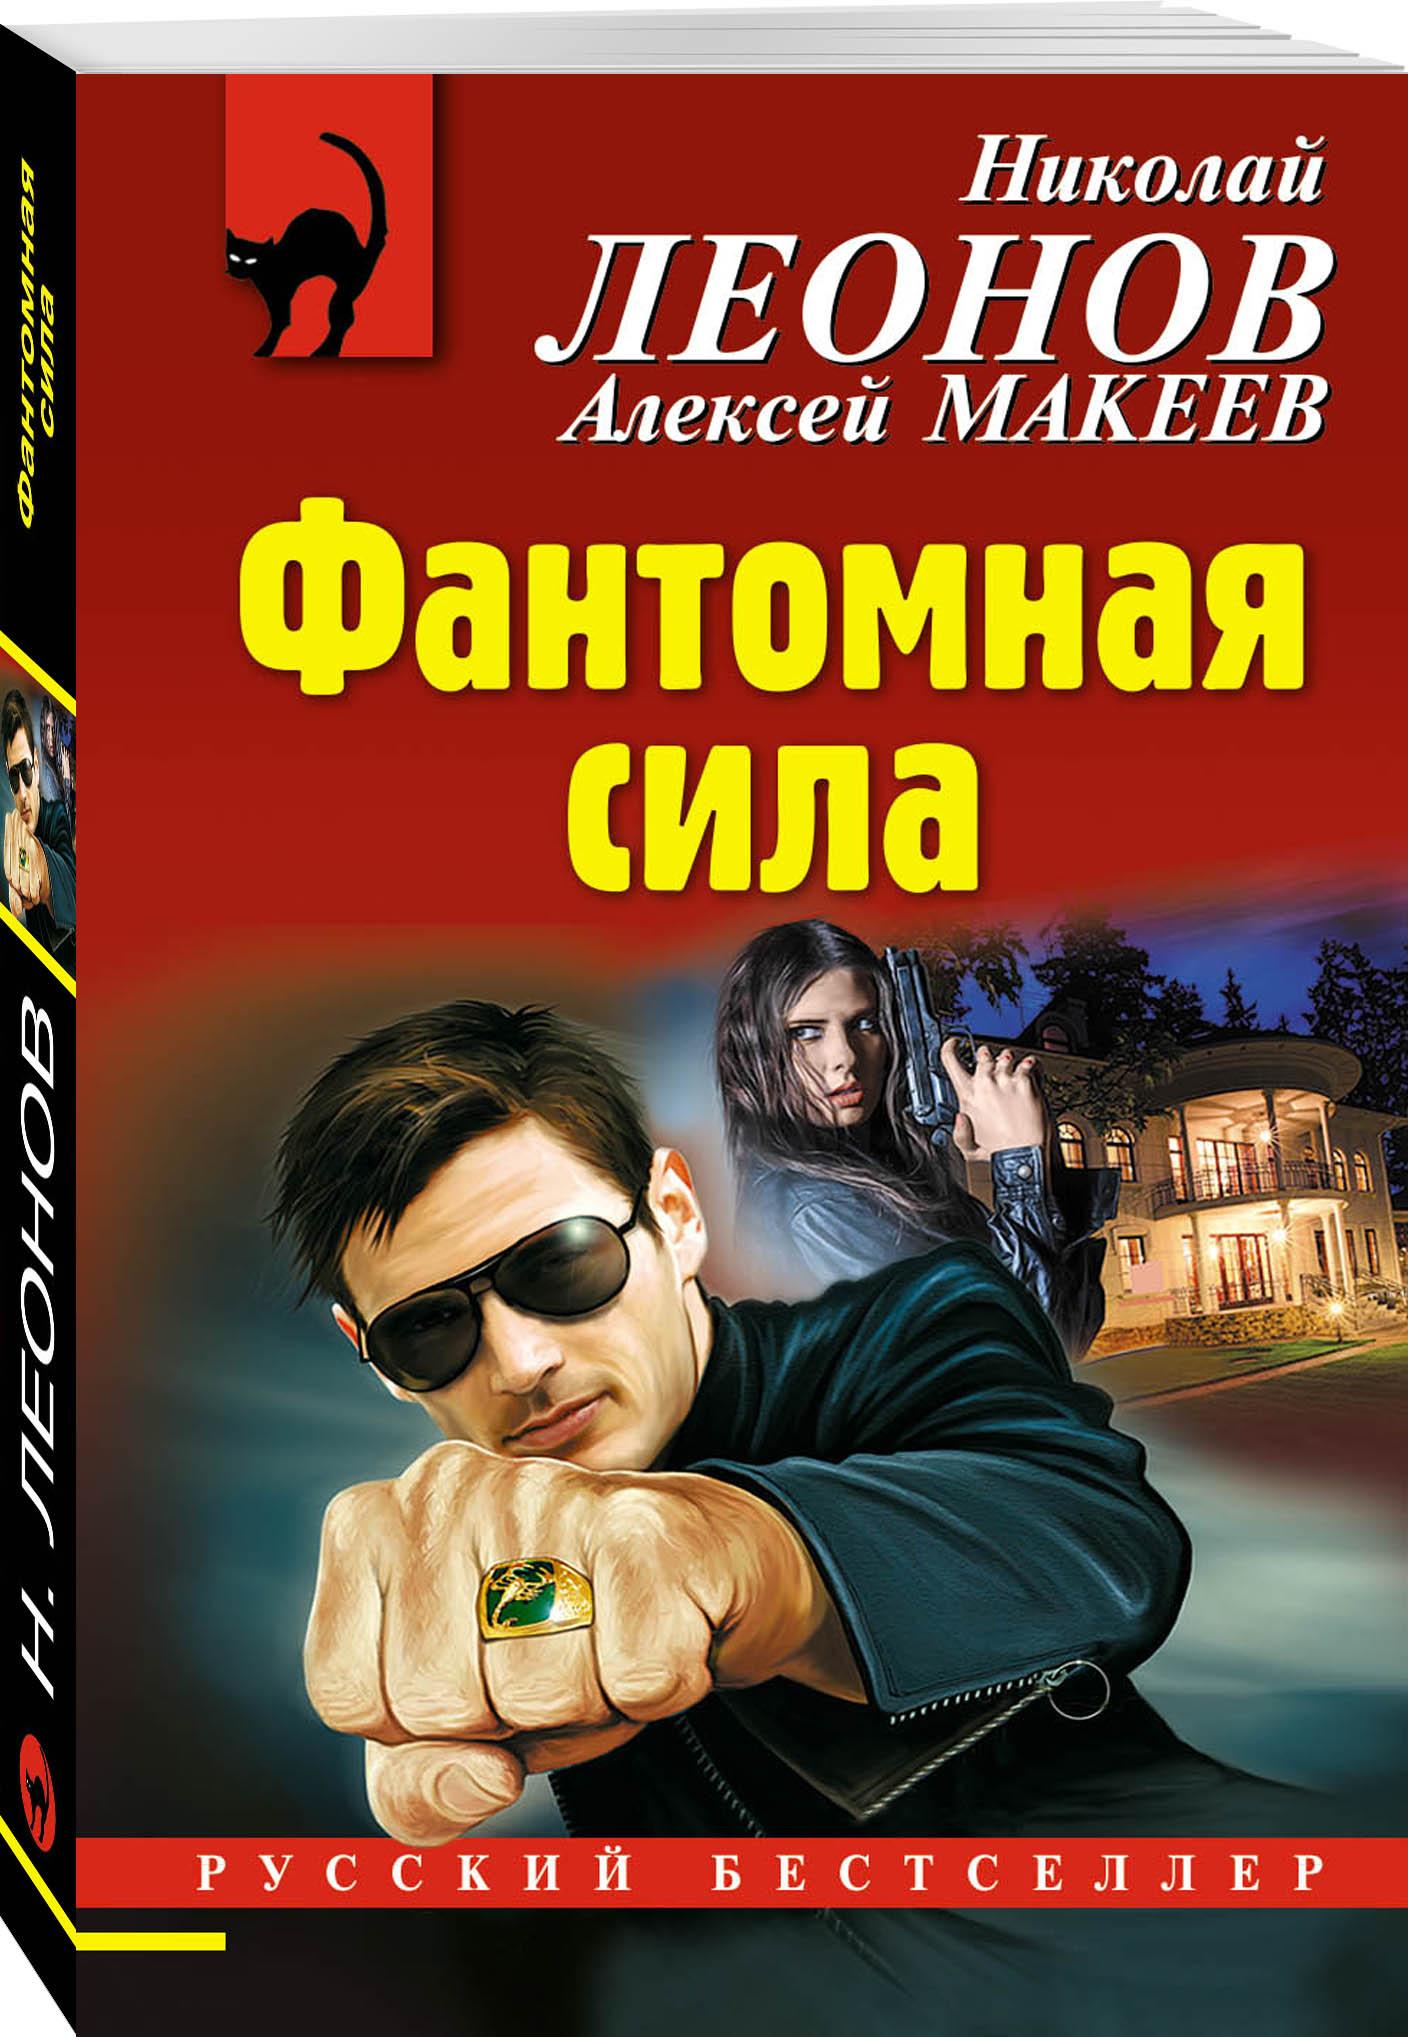 Николай Леонов, Алексей Макеев Фантомная сила